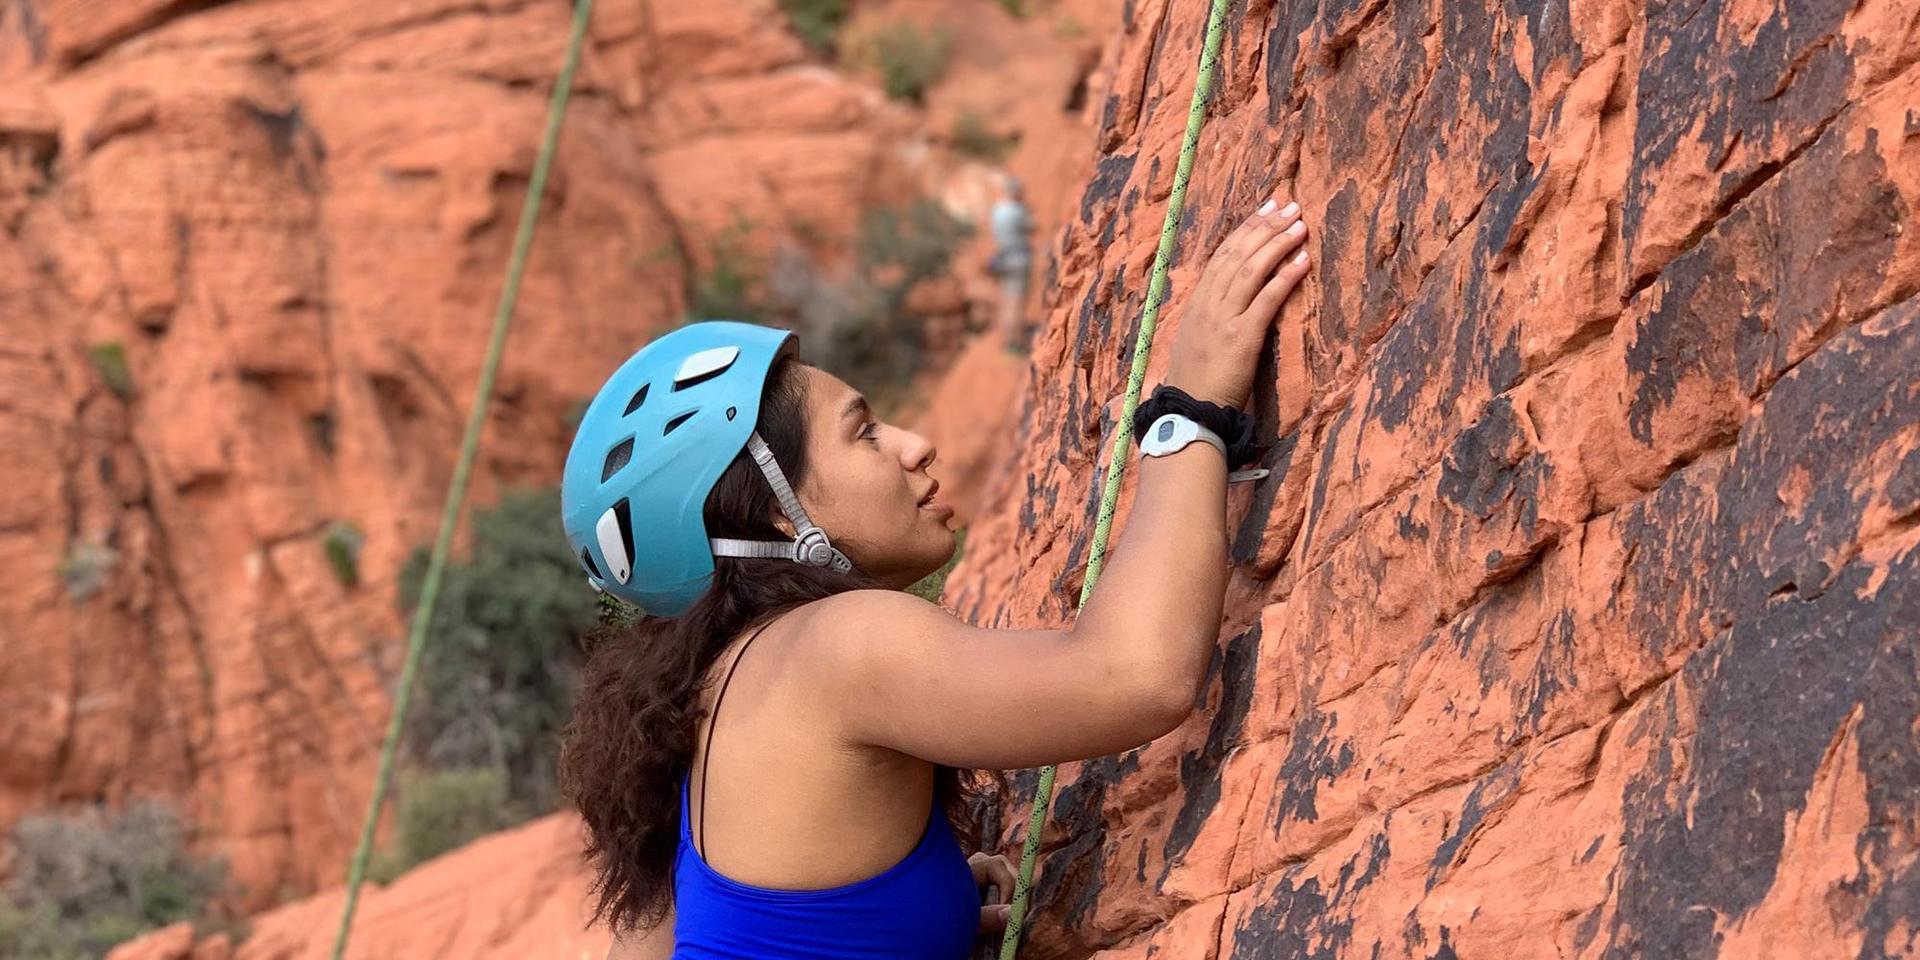 一名学生正在攀登一处红色悬崖.